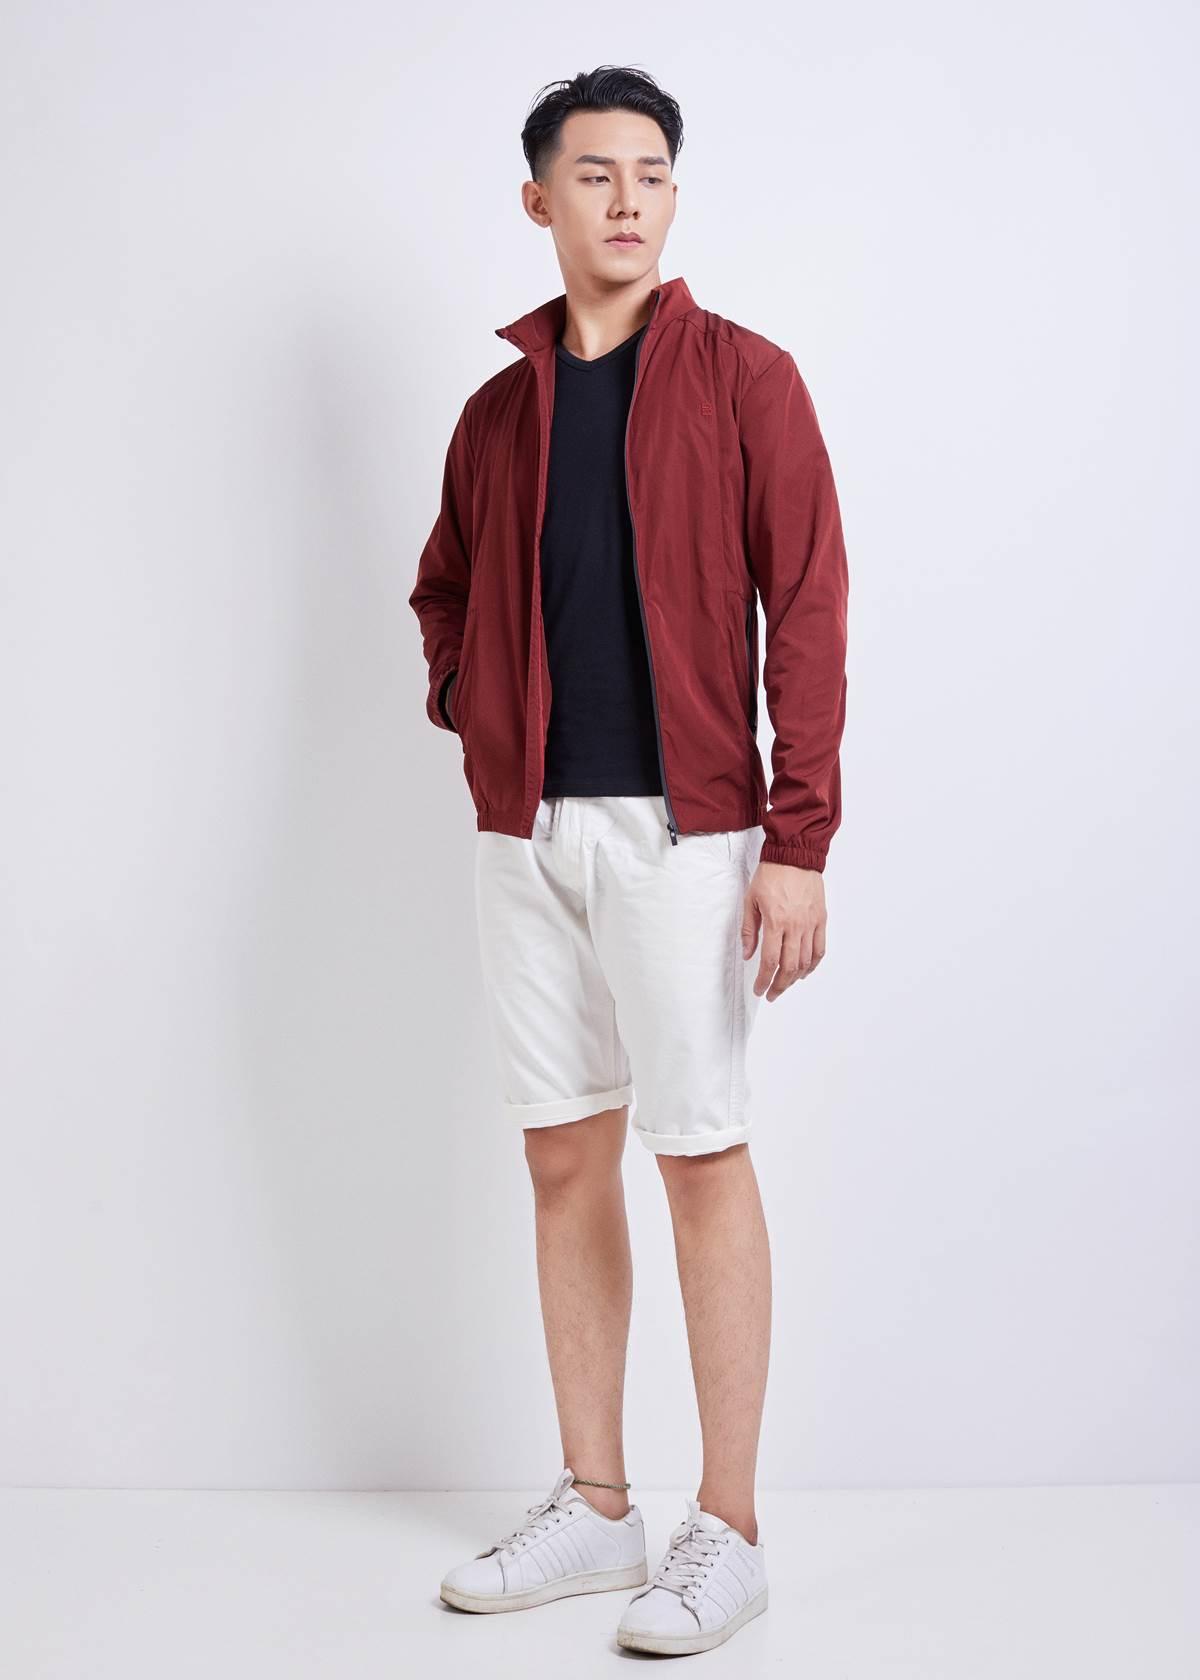 Đỏ thẫm - Gam màu ấm của thời trang nam 2018